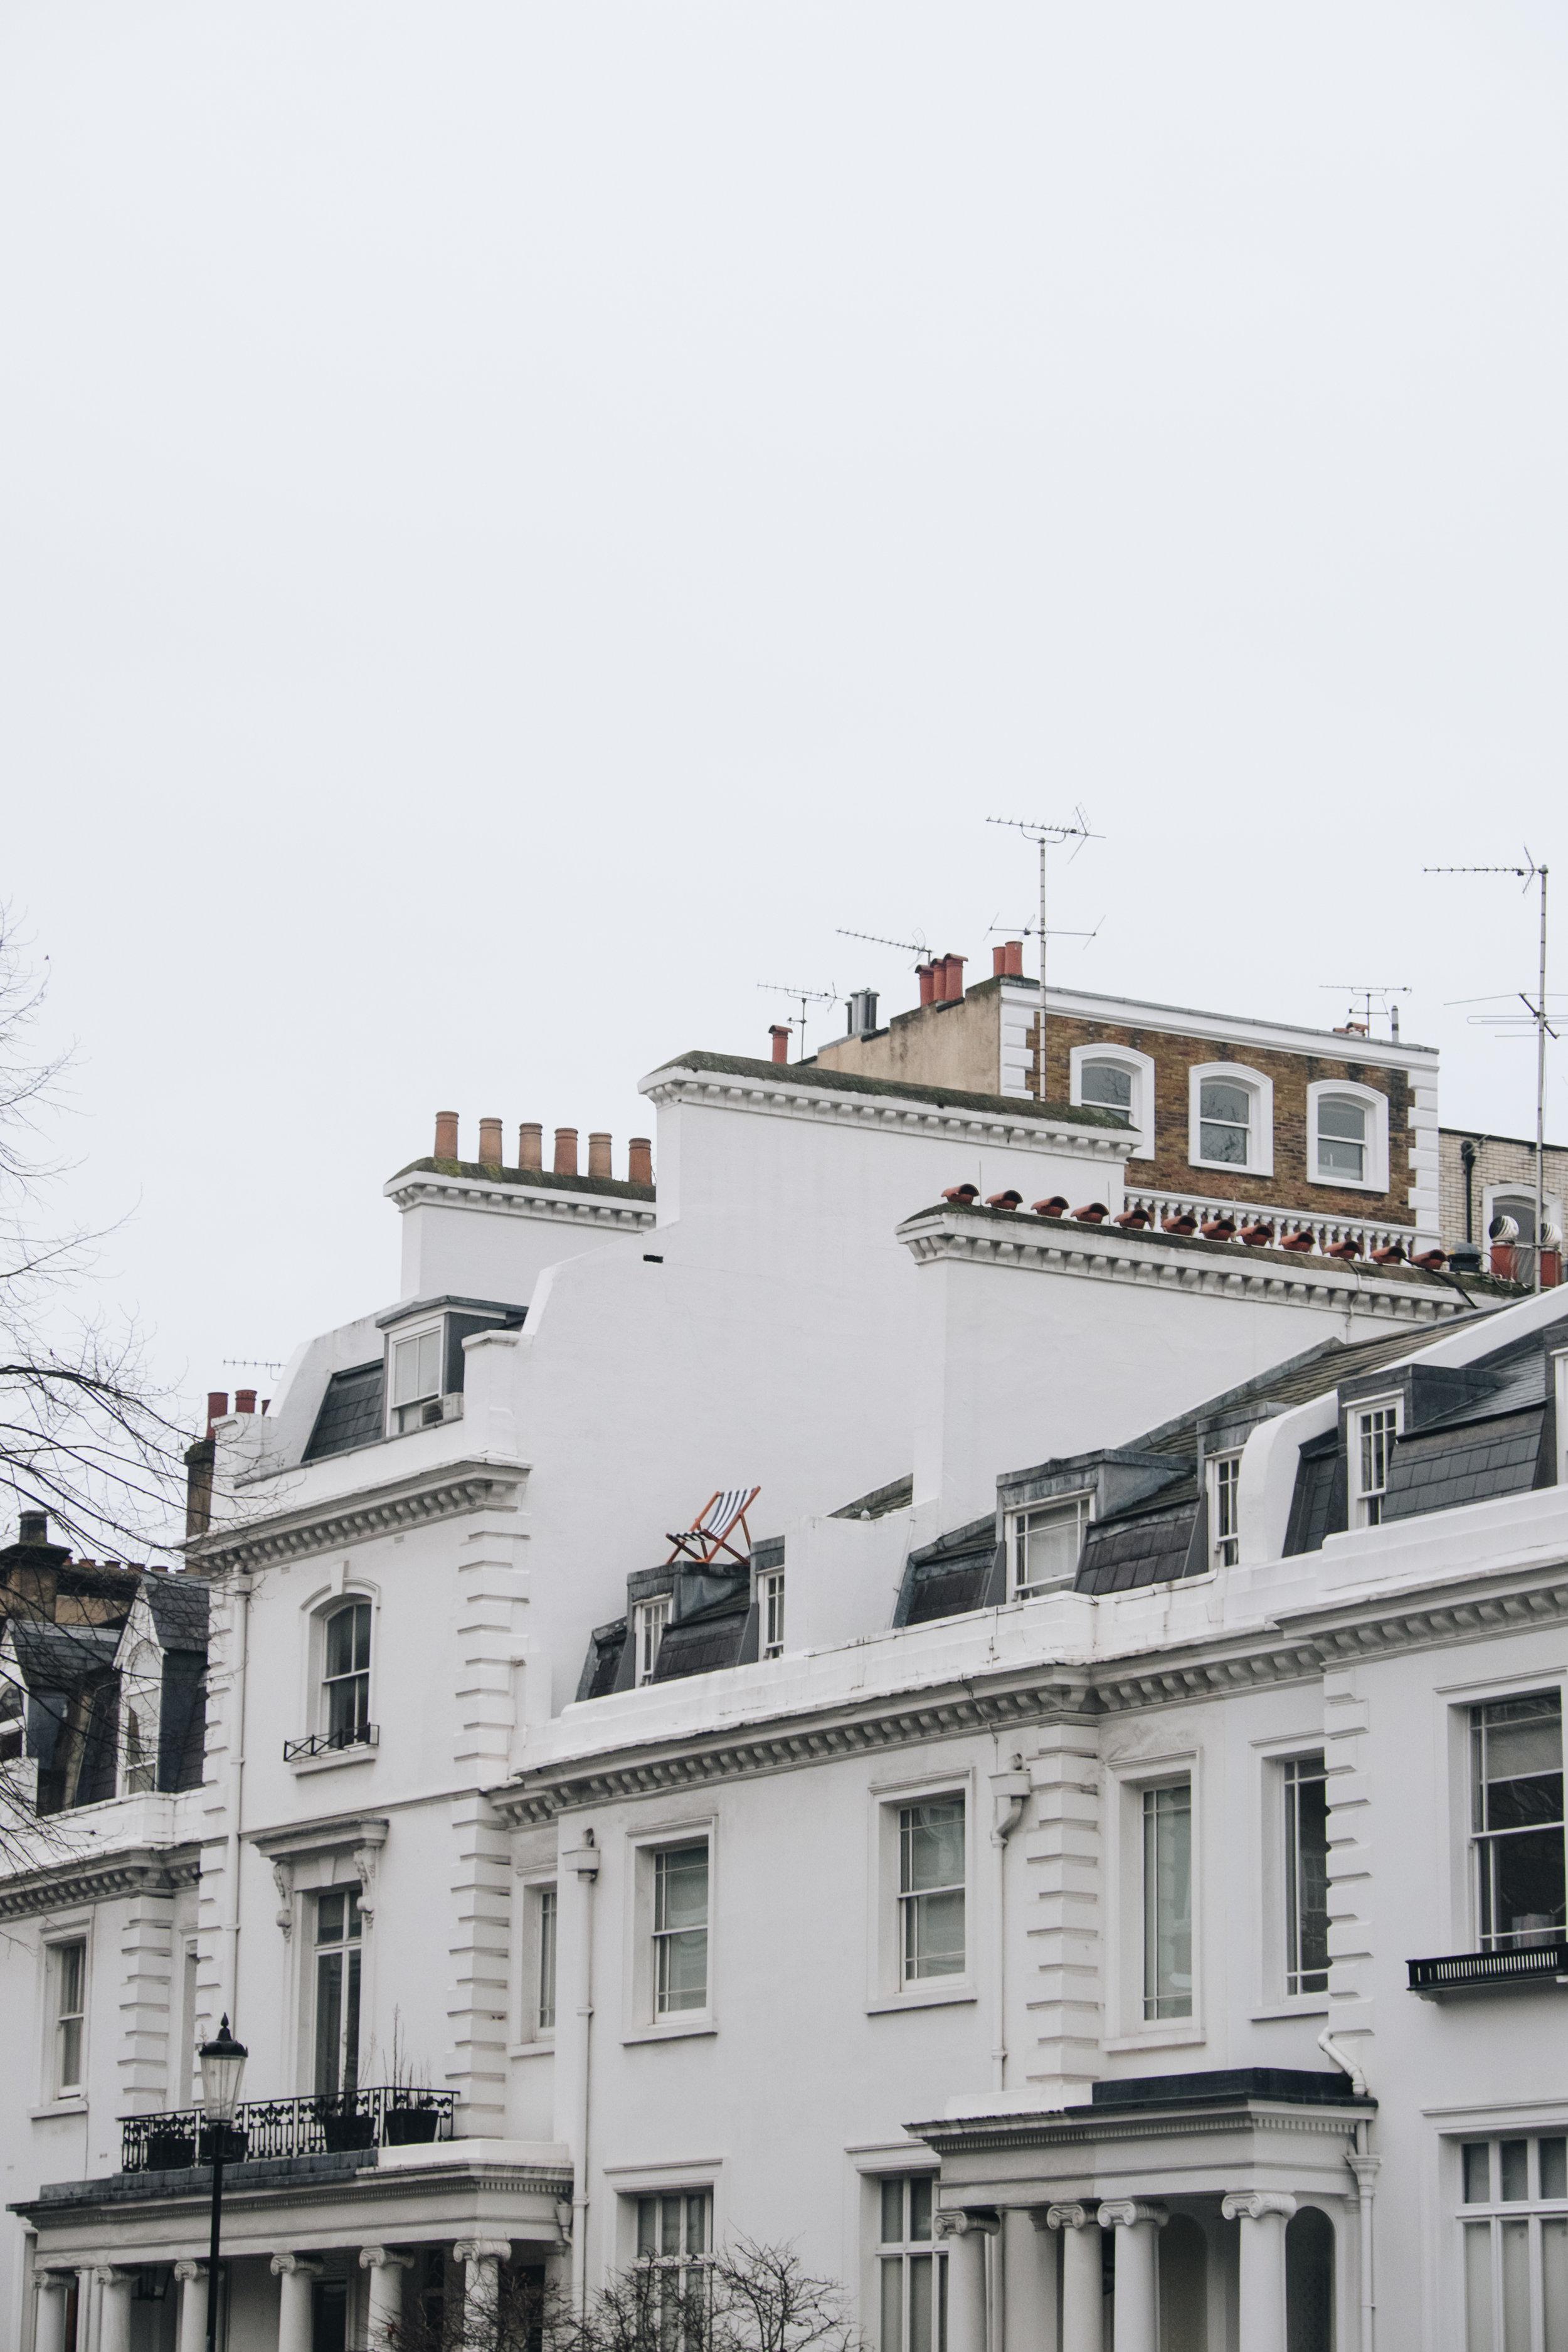 20170108_London7.jpg